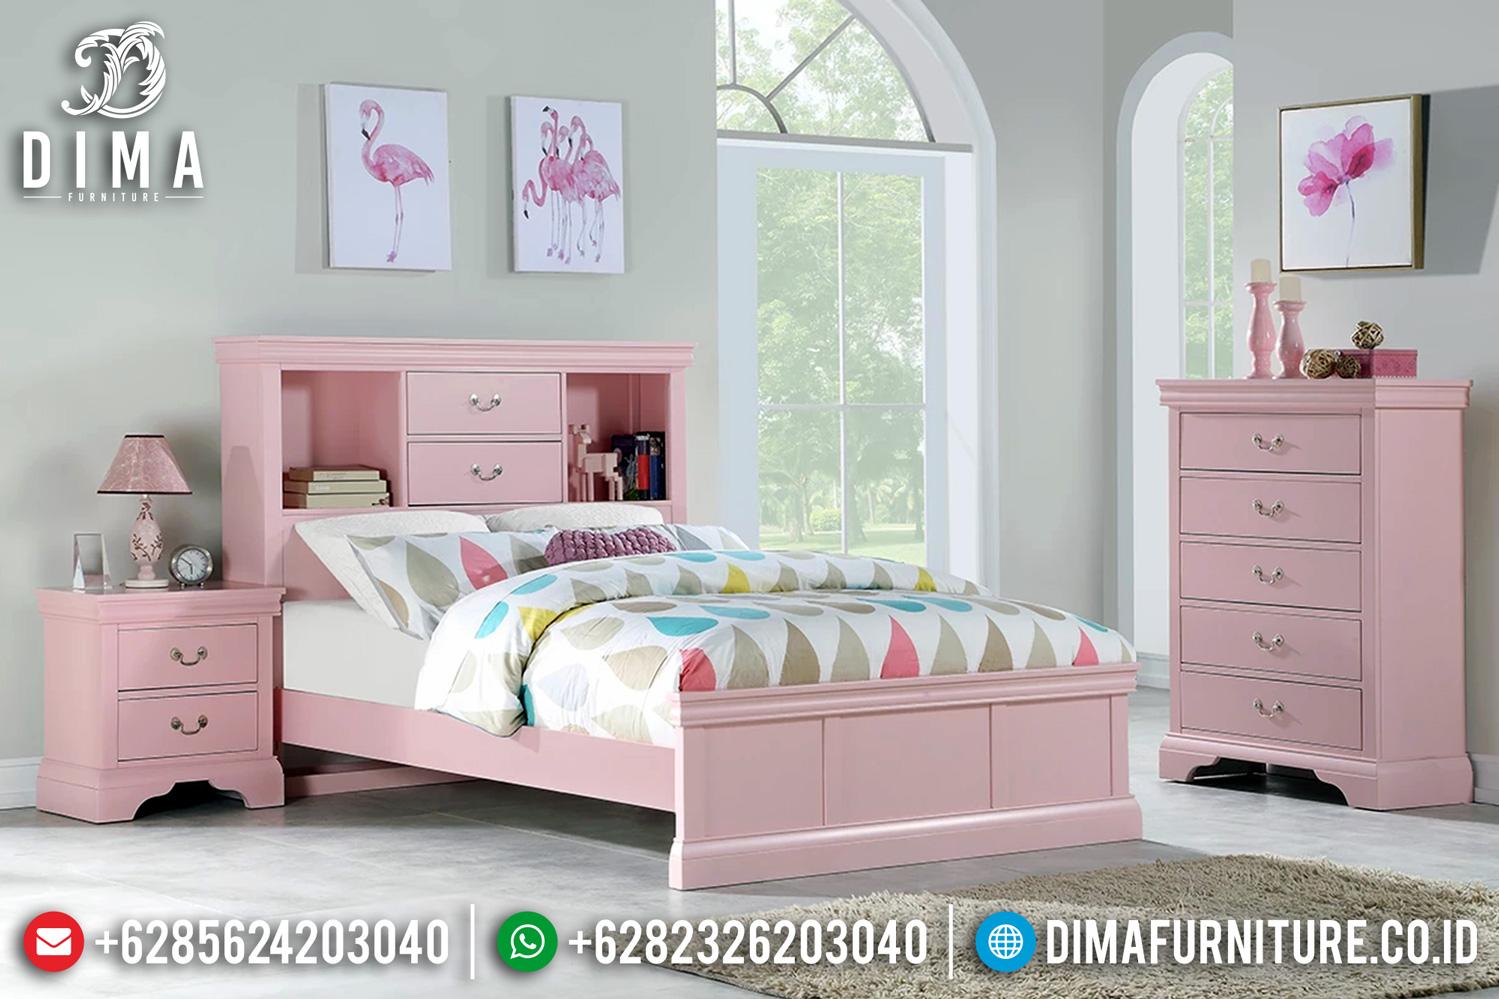 Jual Tempat Tidur Minimalis Cantik Pink Duco Furniture Jepara Terbaru TTJ-0462